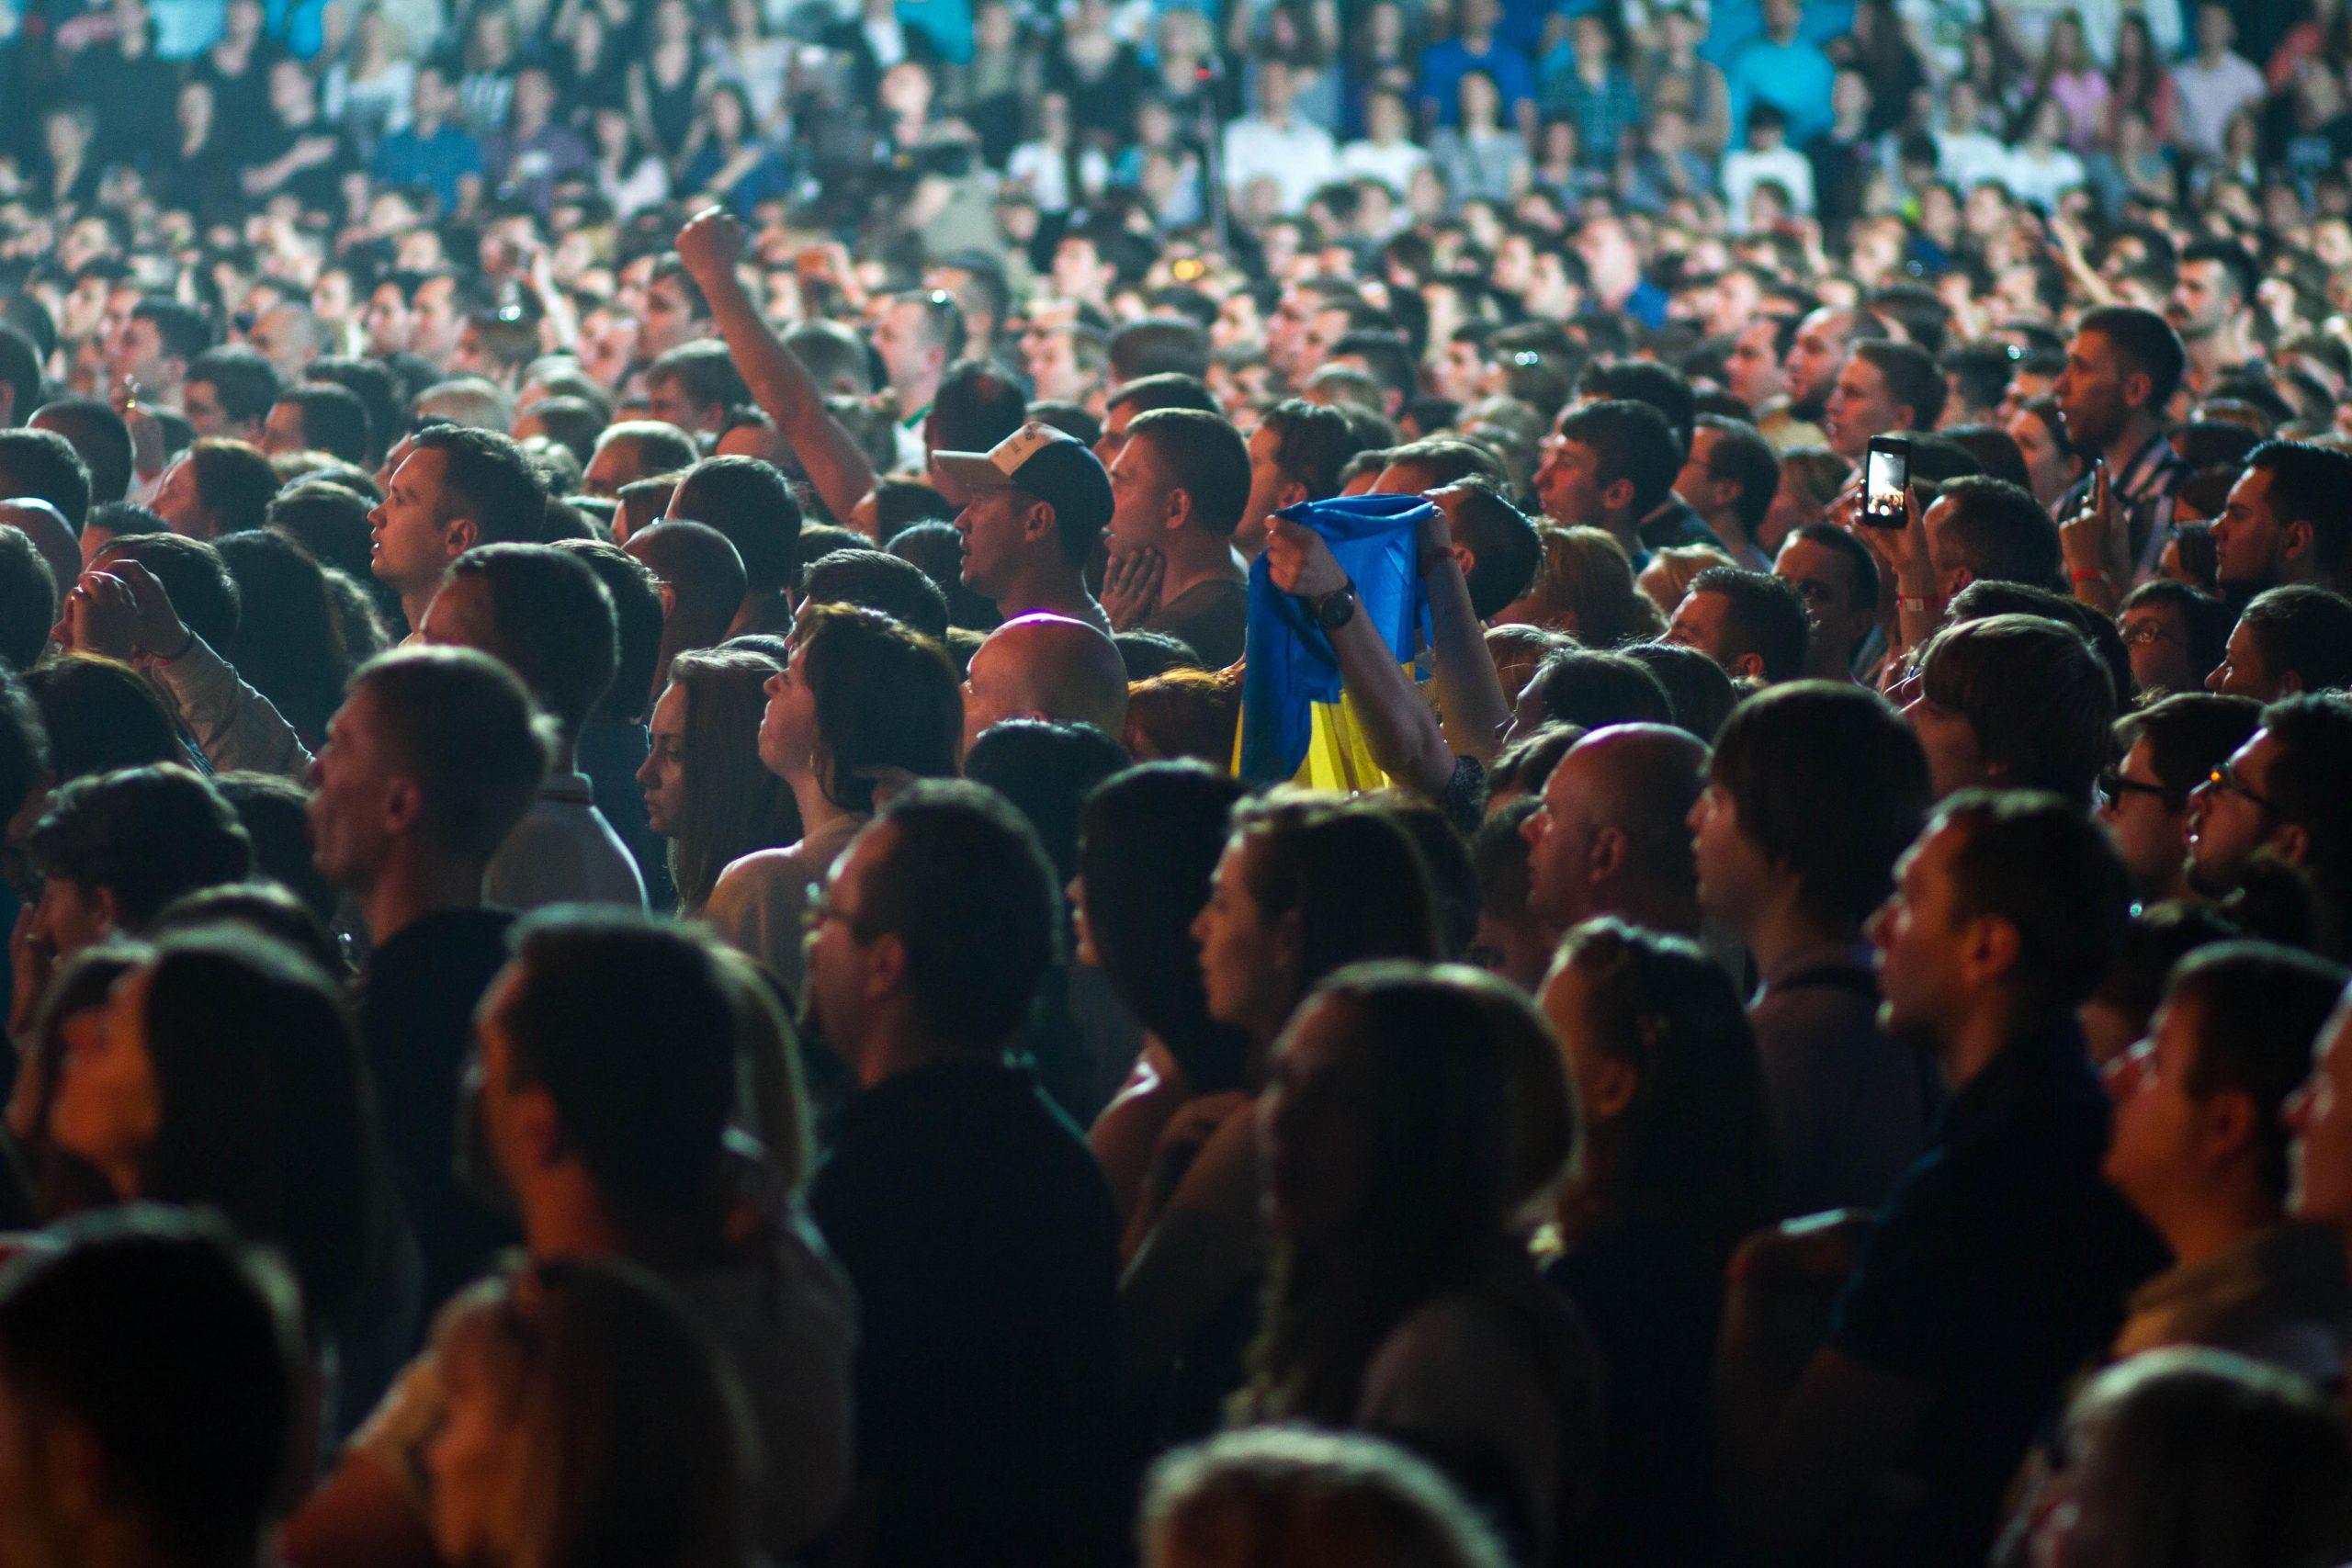 Зрители концерта памяти Андрею Кузьменко в Киеве 2